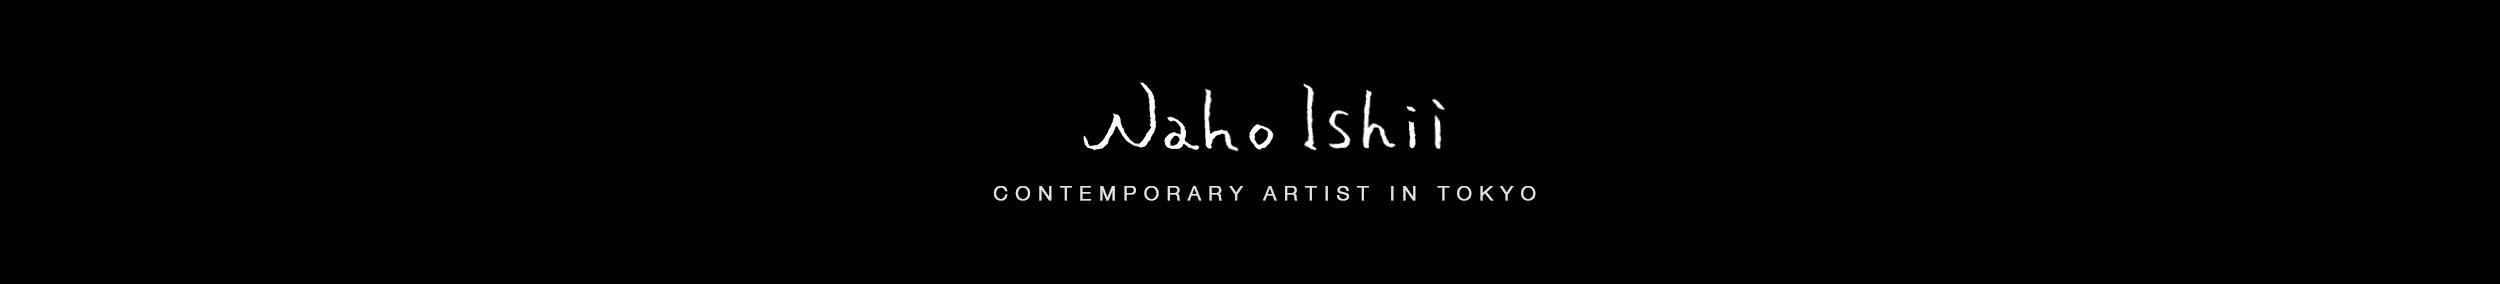 石井七歩 Naho Ishii | オフィシャルサイト